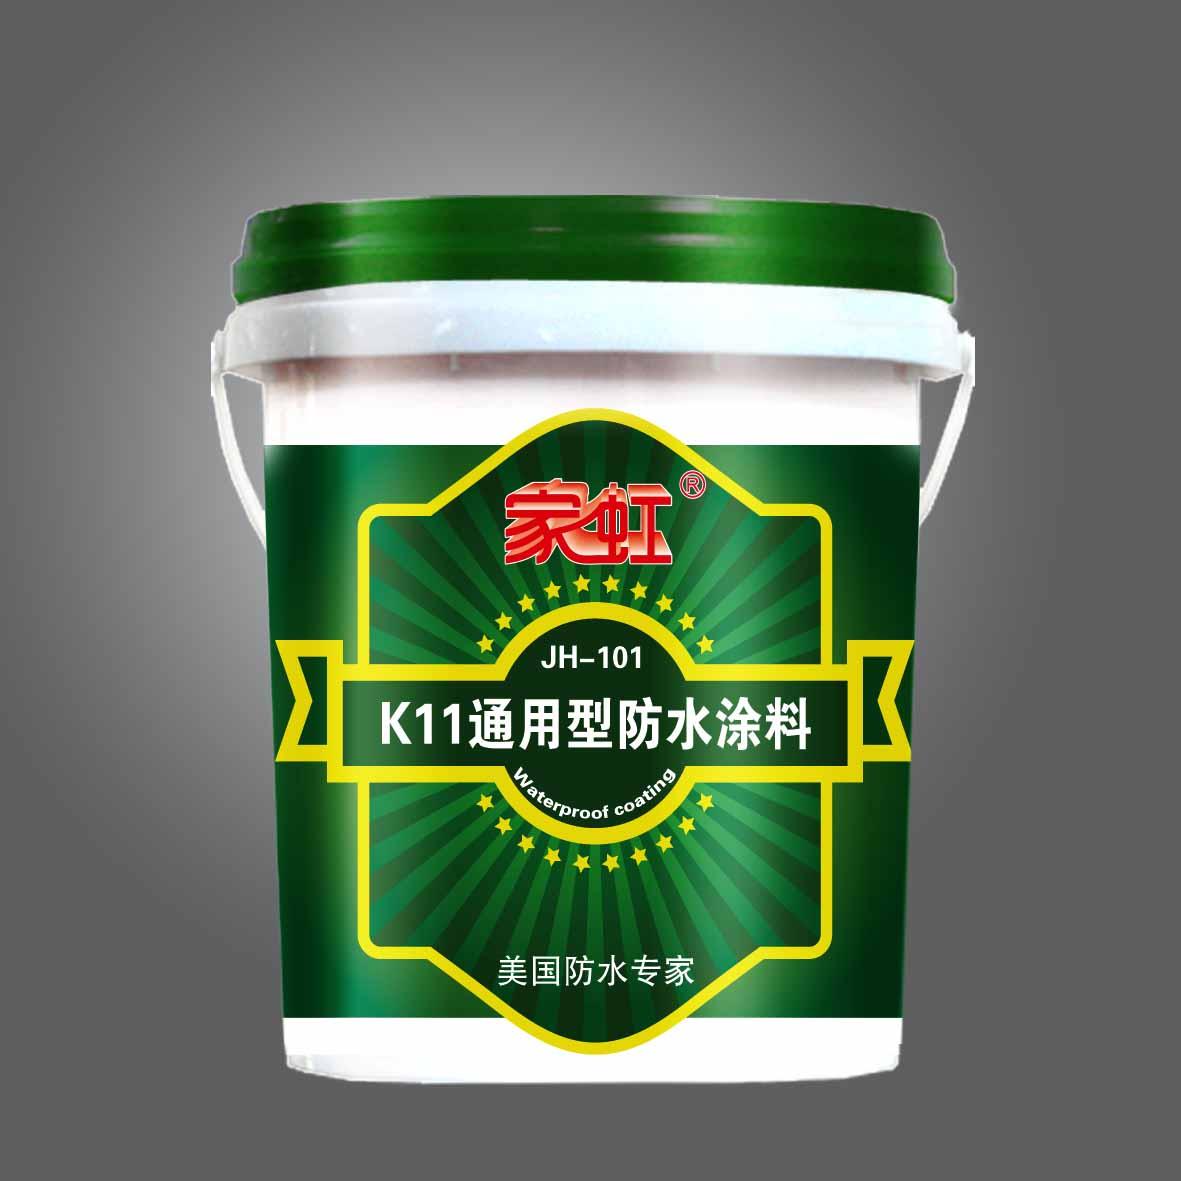 点击查看JH-101家虹K11通用型防水涂料详细说明